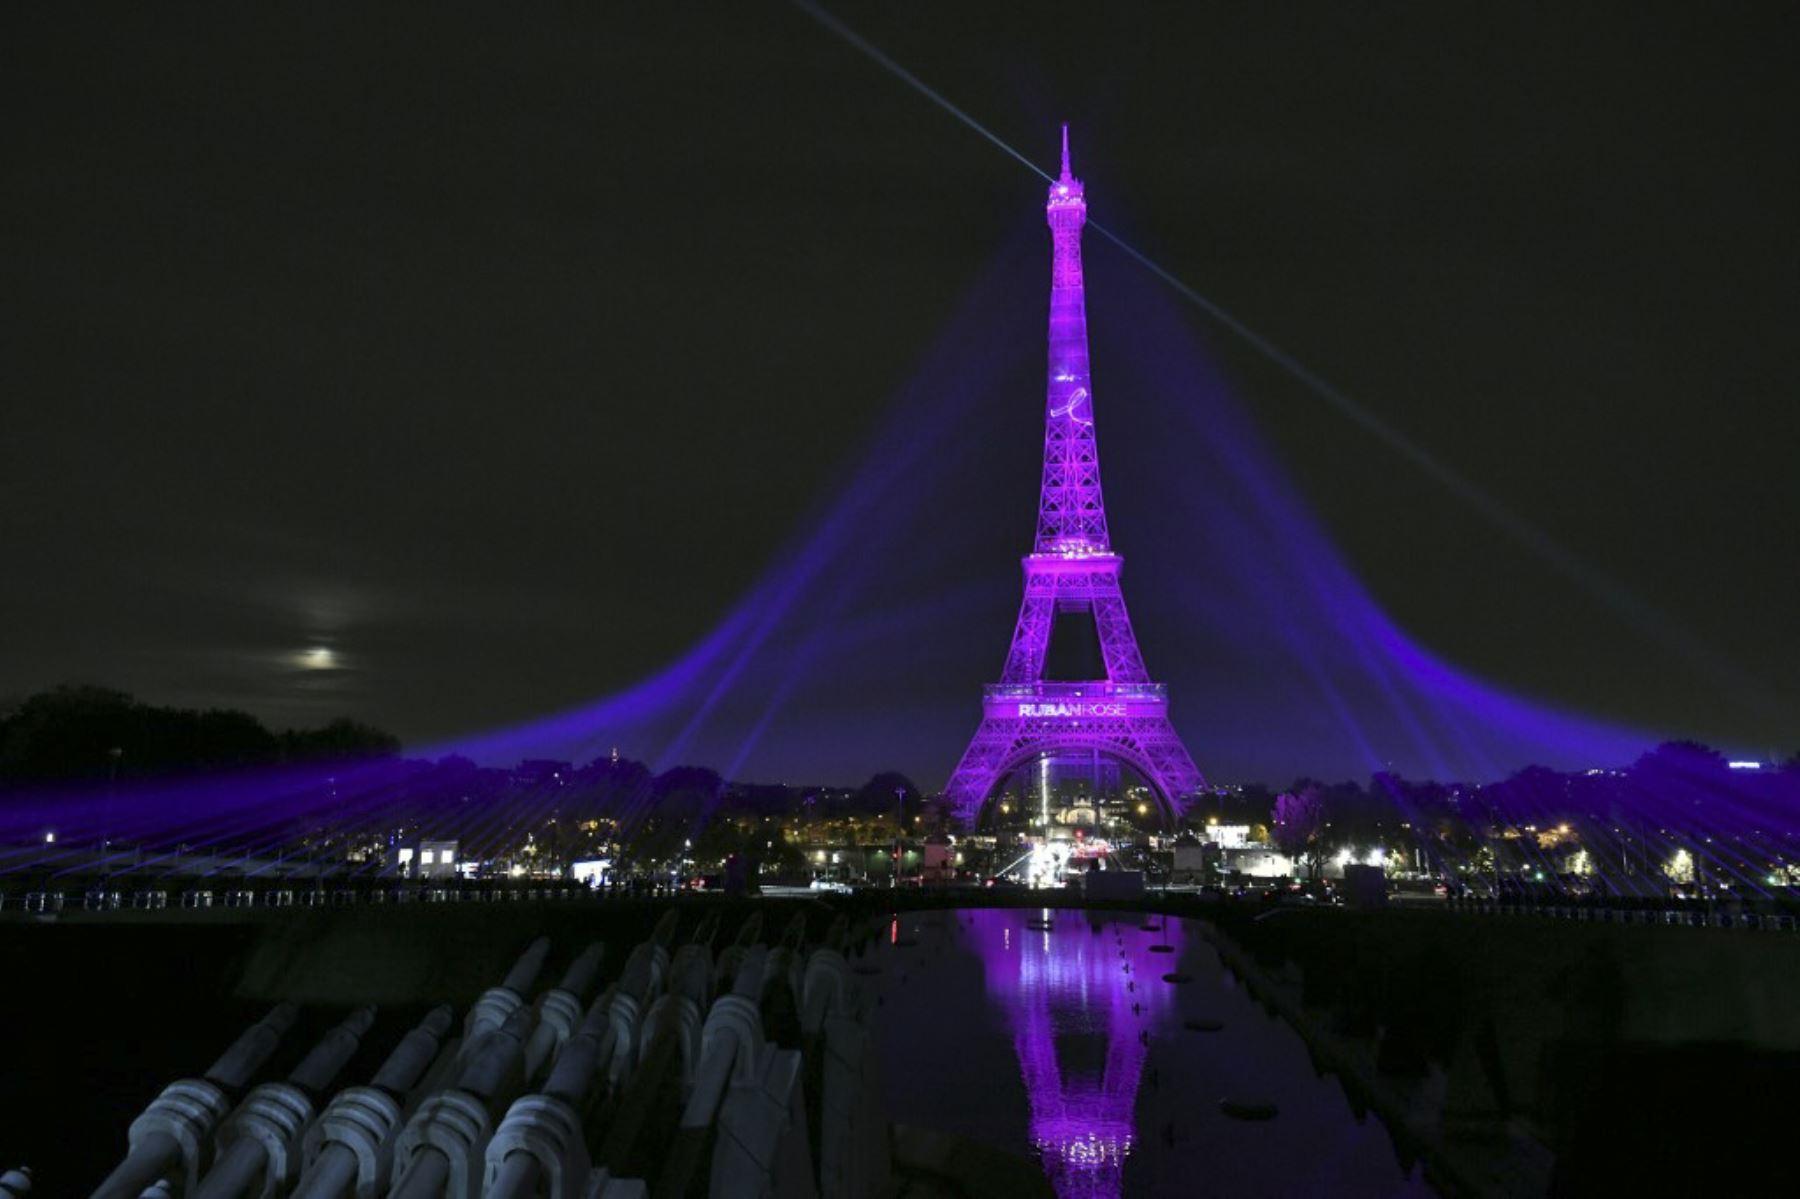 """La Torre Eiffel se muestra iluminada en rosa para marcar el inicio de la """"Octobre Rose"""" (Octubre Rosa) o el Mes de Concientización sobre el Cáncer de Mama en París. Foto: AFP"""